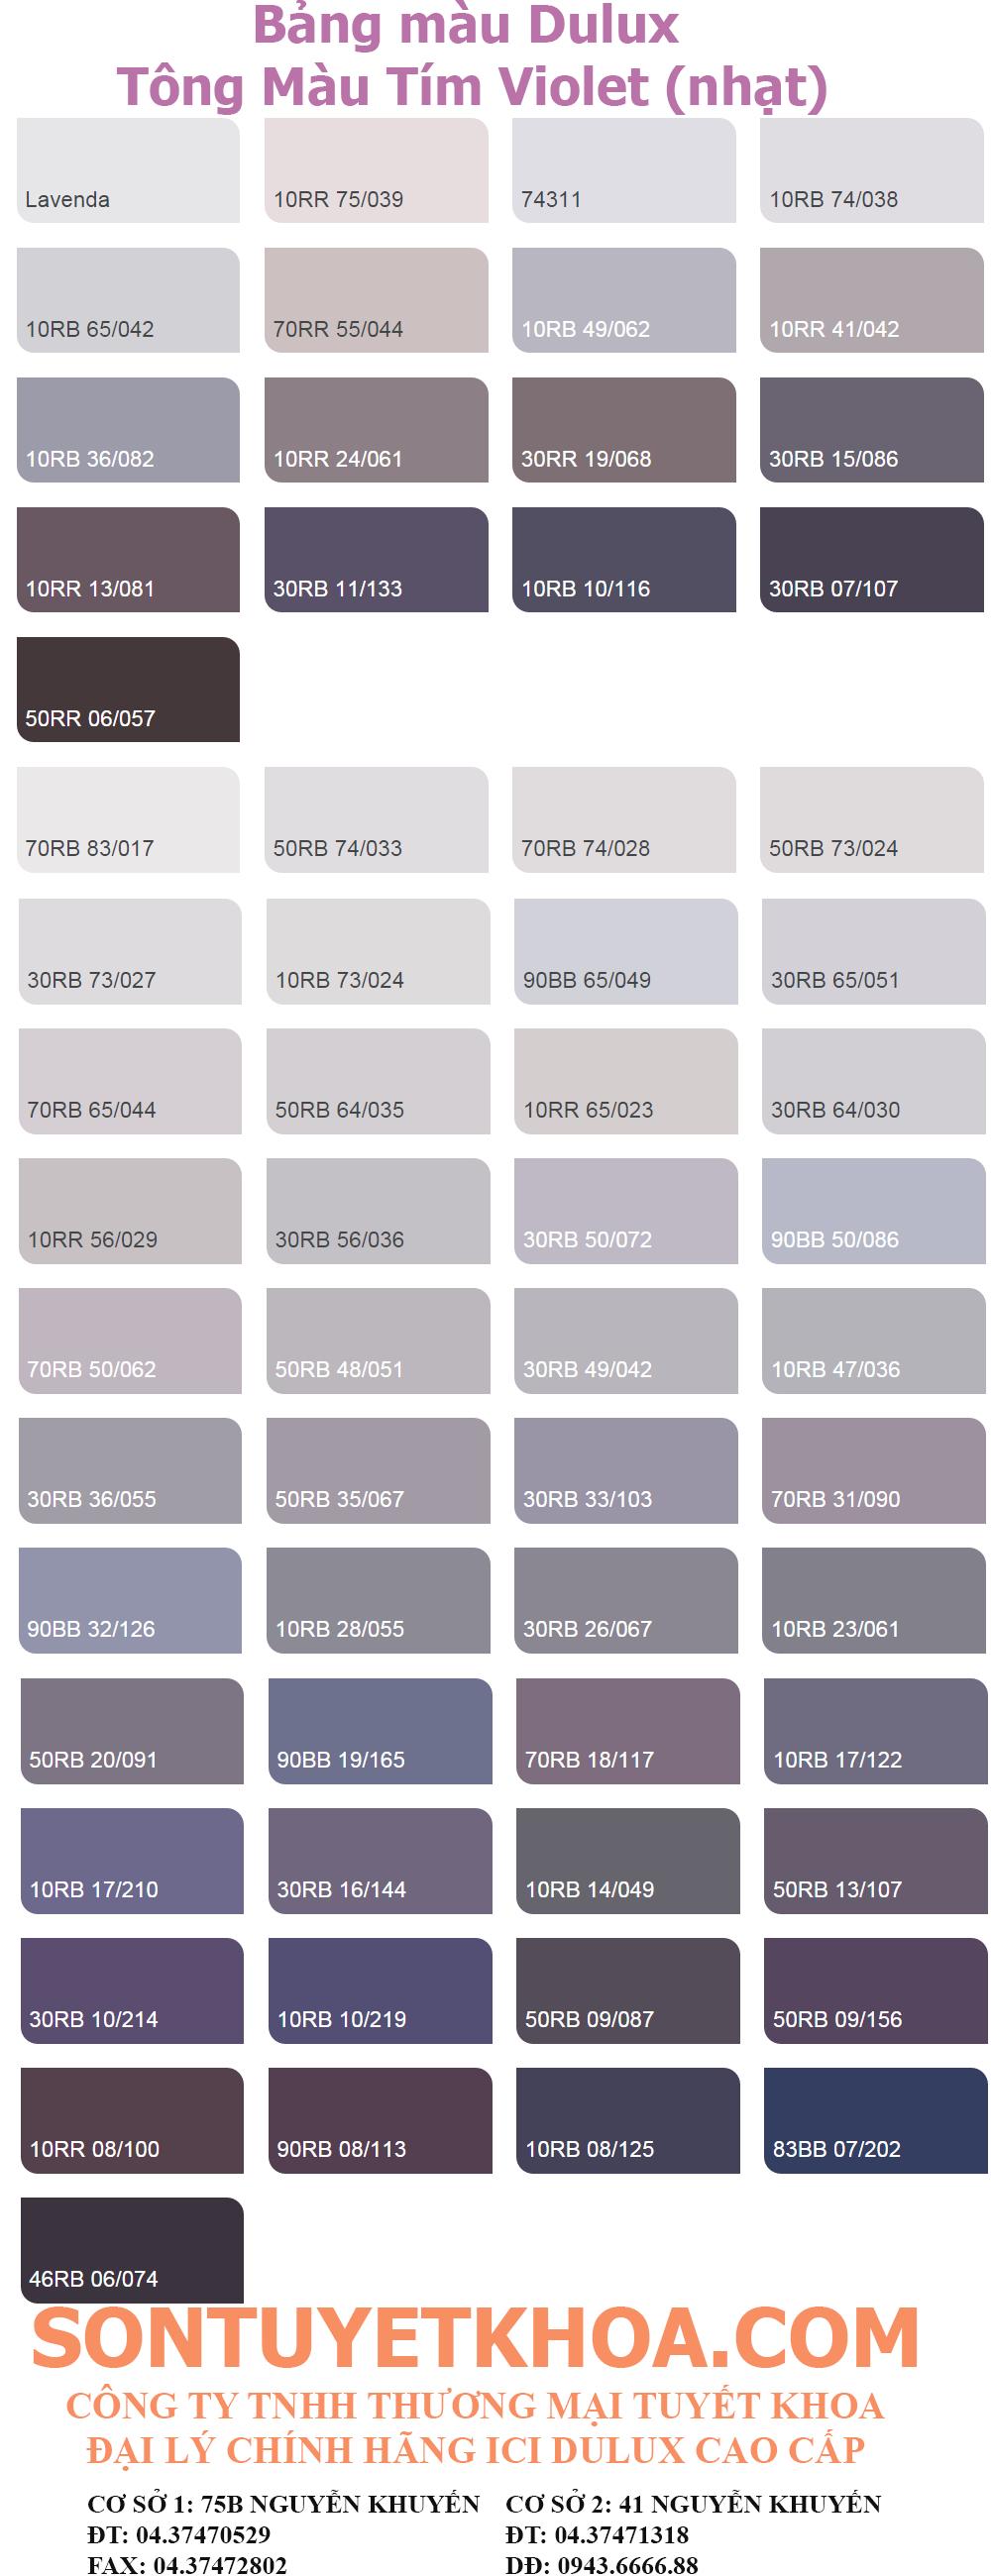 bang-mau-dulux-tong-mau-tim-violet-nhat